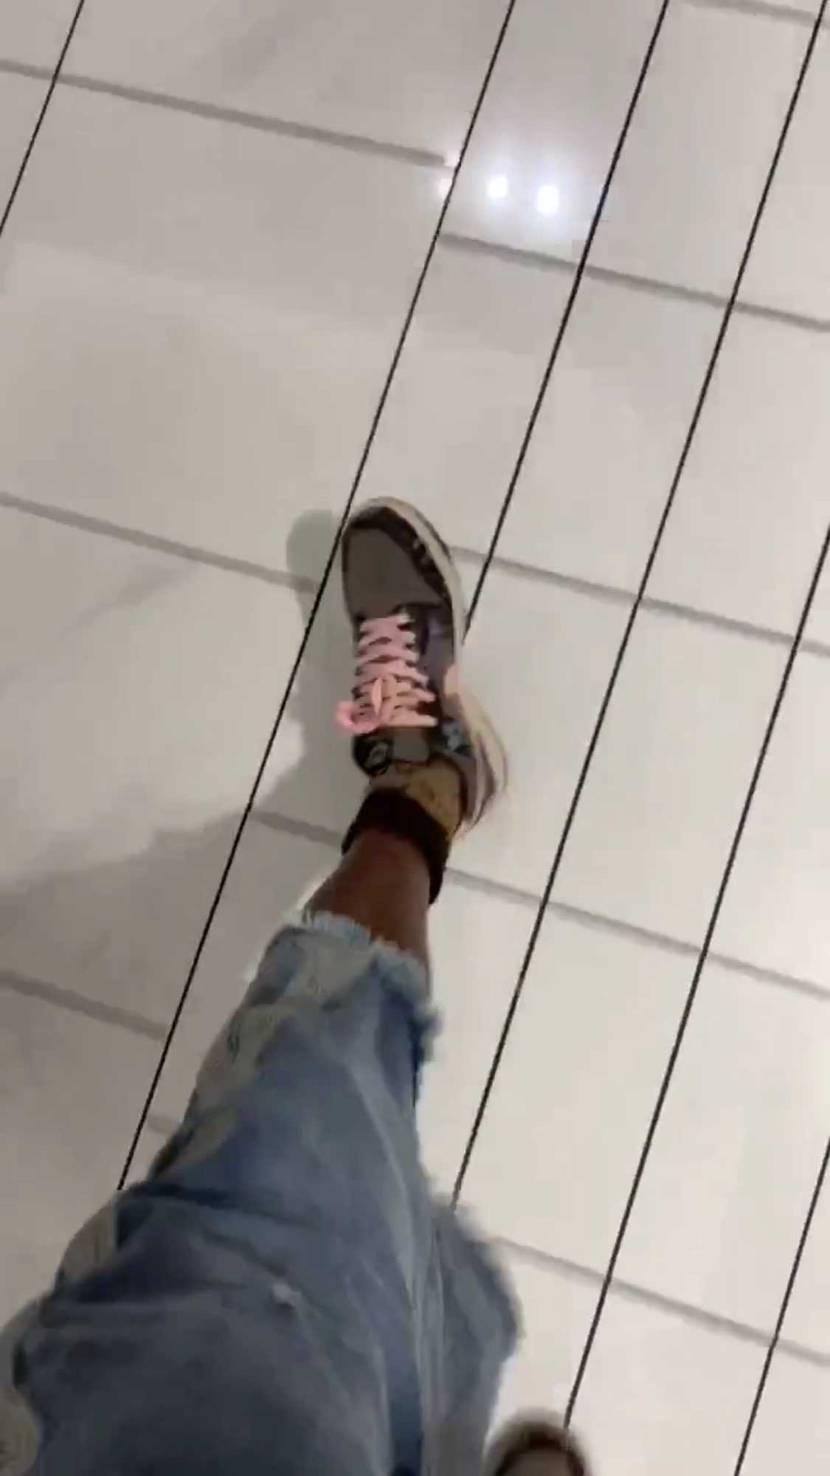 トラヴィス新しいの履いてる???この靴の詳細分かる人いますか?トラヴィス公式IG